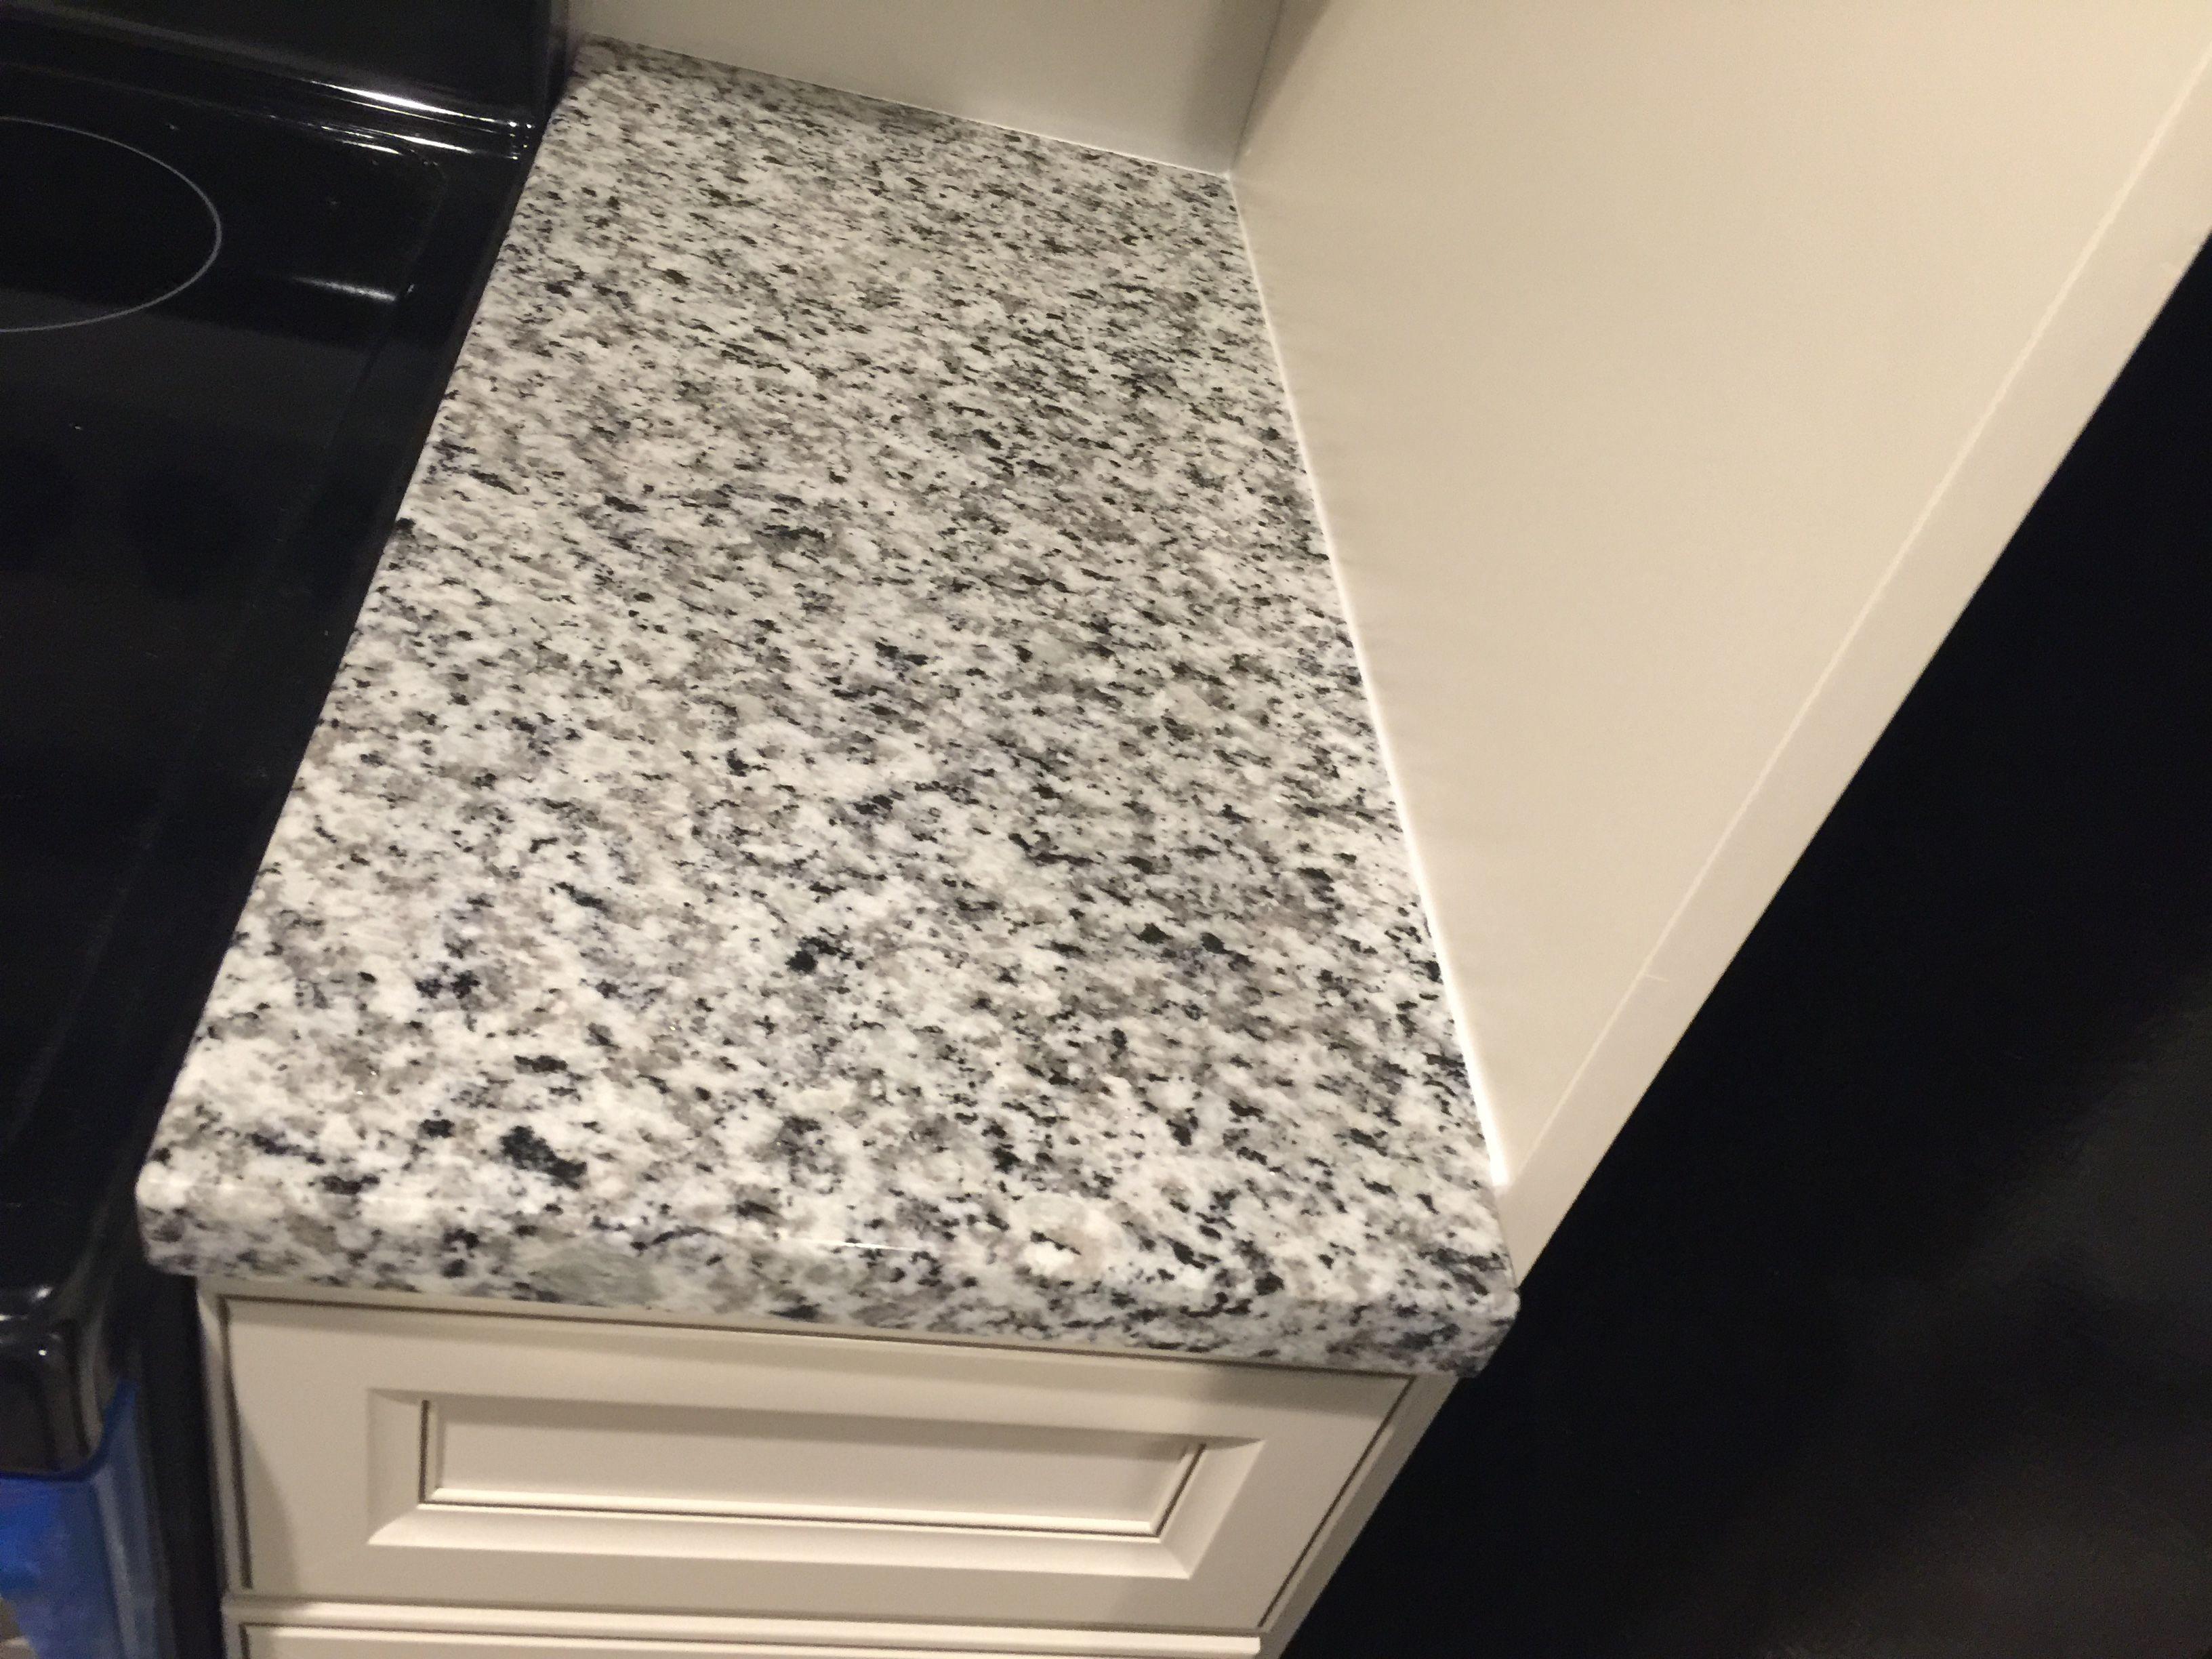 Type Of Job Kitchen Countertop Material Granite Color Bella